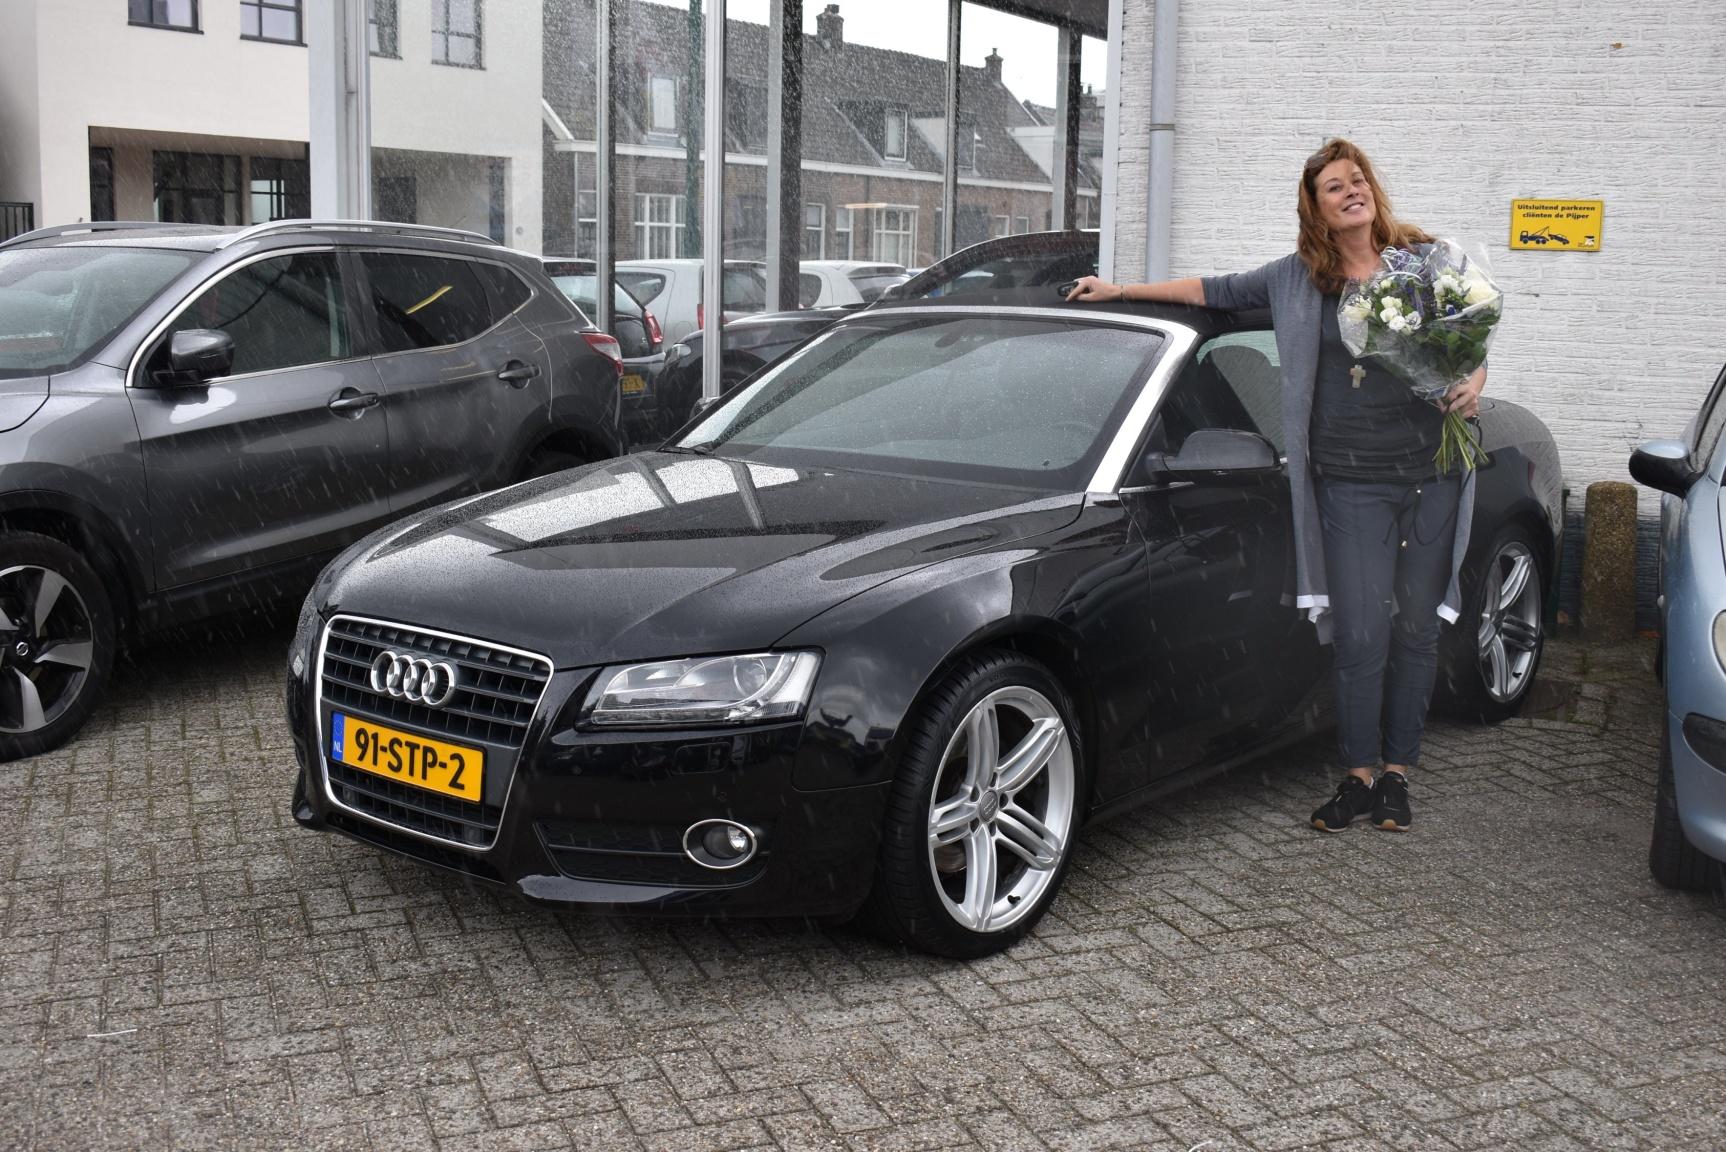 Aflevering Audi A5 cabriolet-2021-09-02 09:54:21